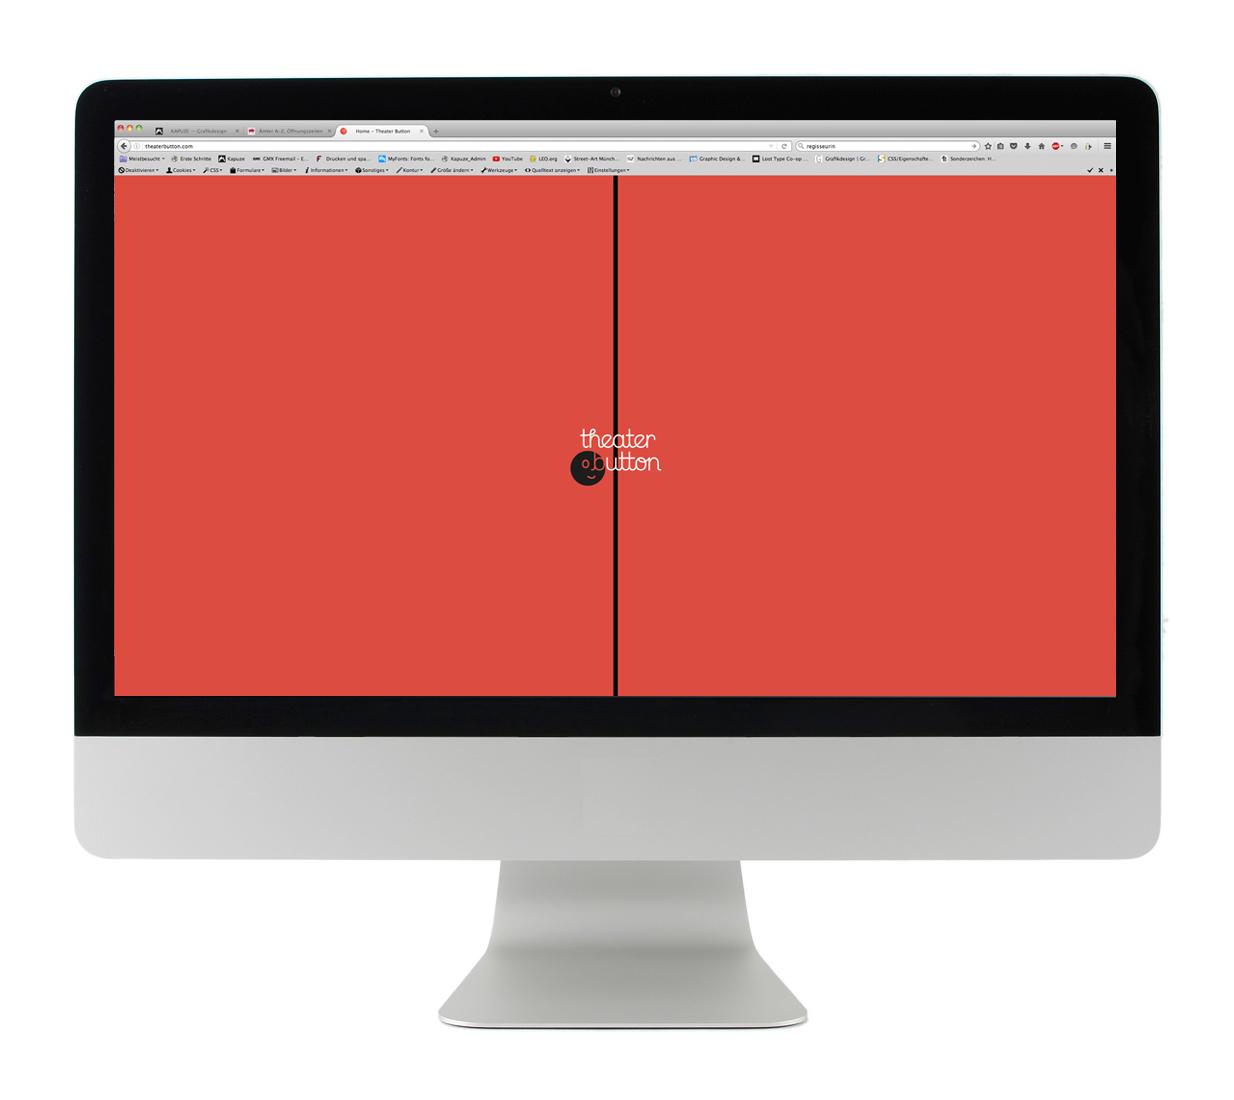 tb_screen-1.jpg